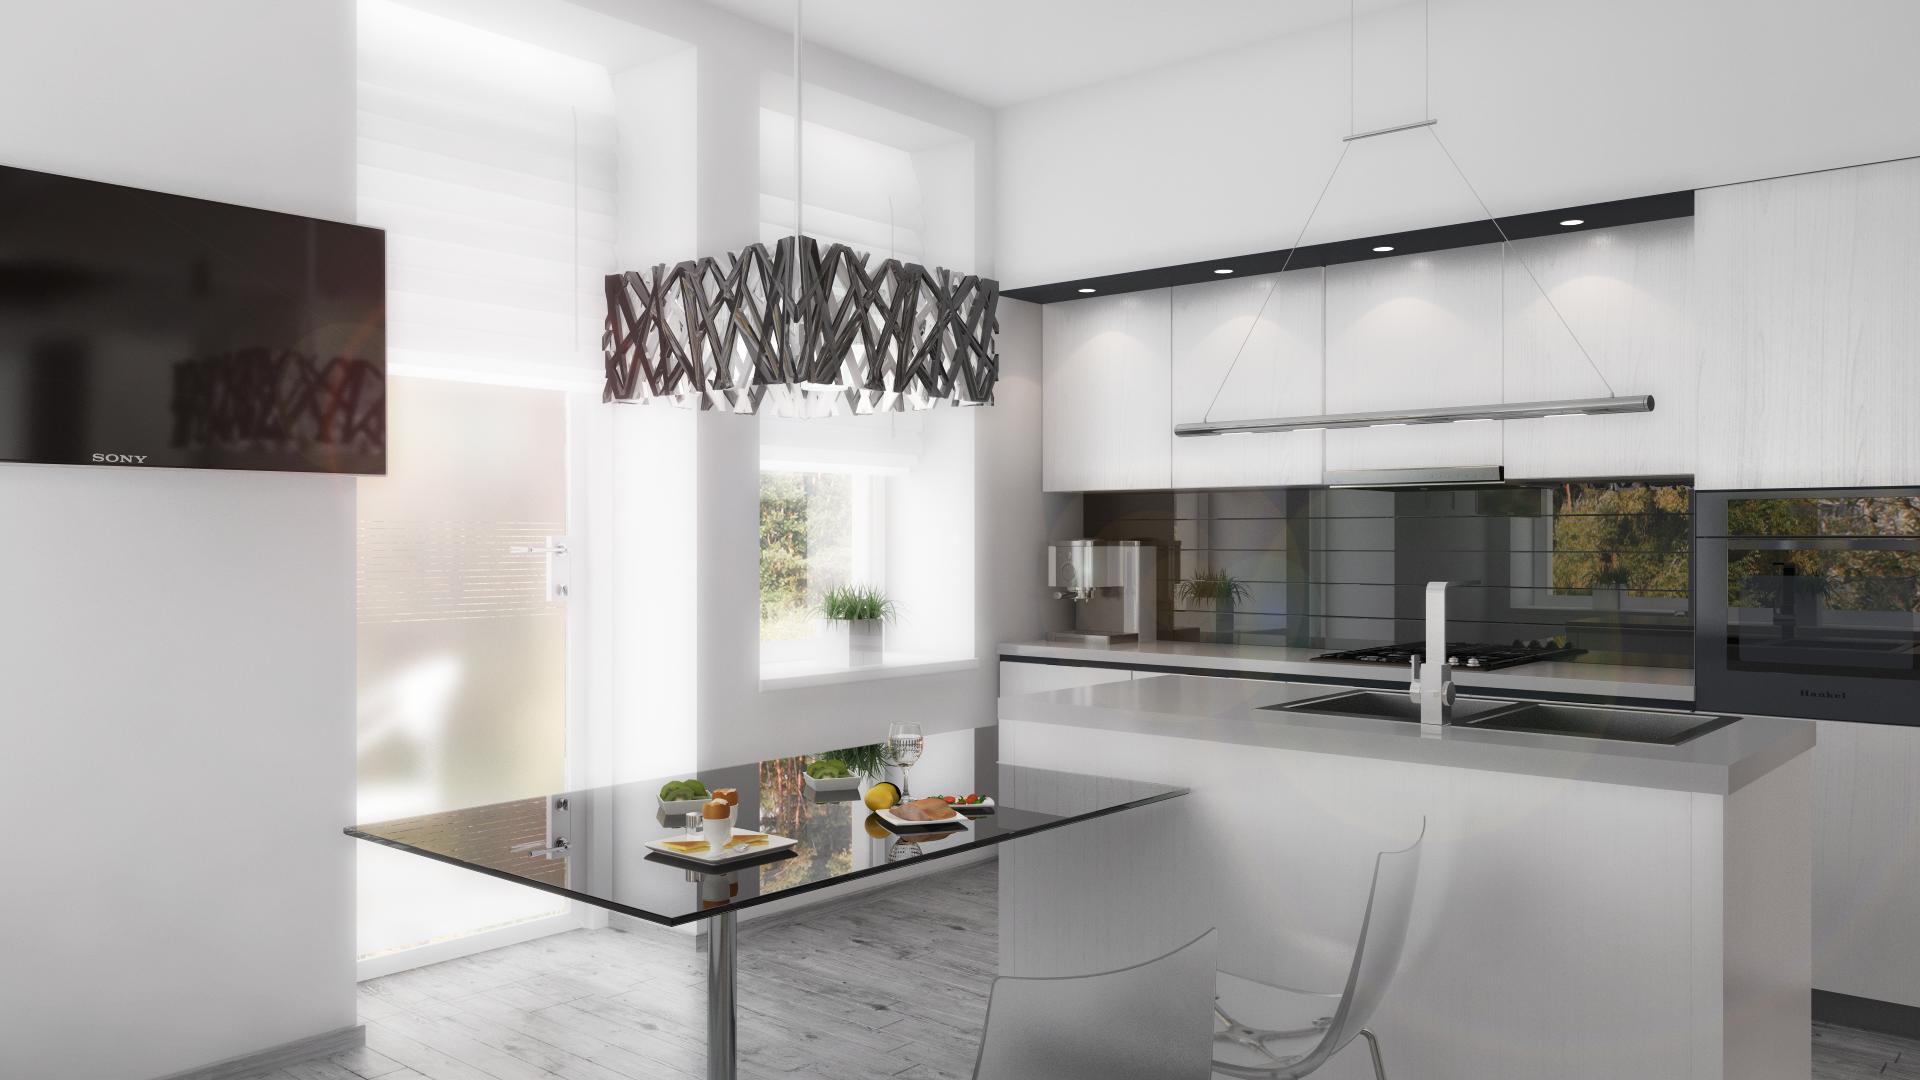 Decoración y diseño de interiores: ¡Monta un negocio!